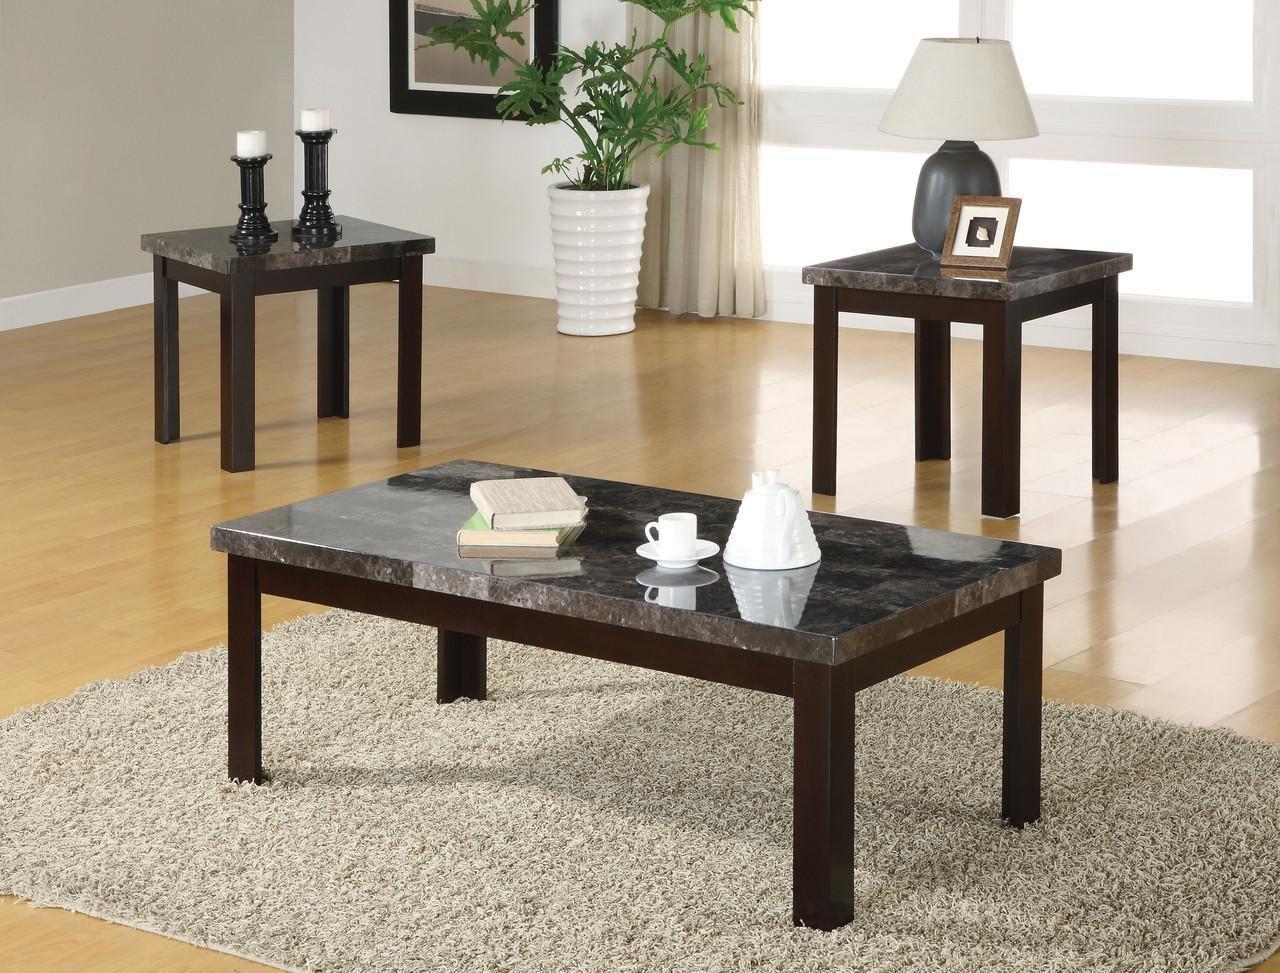 Mercury Living room table set